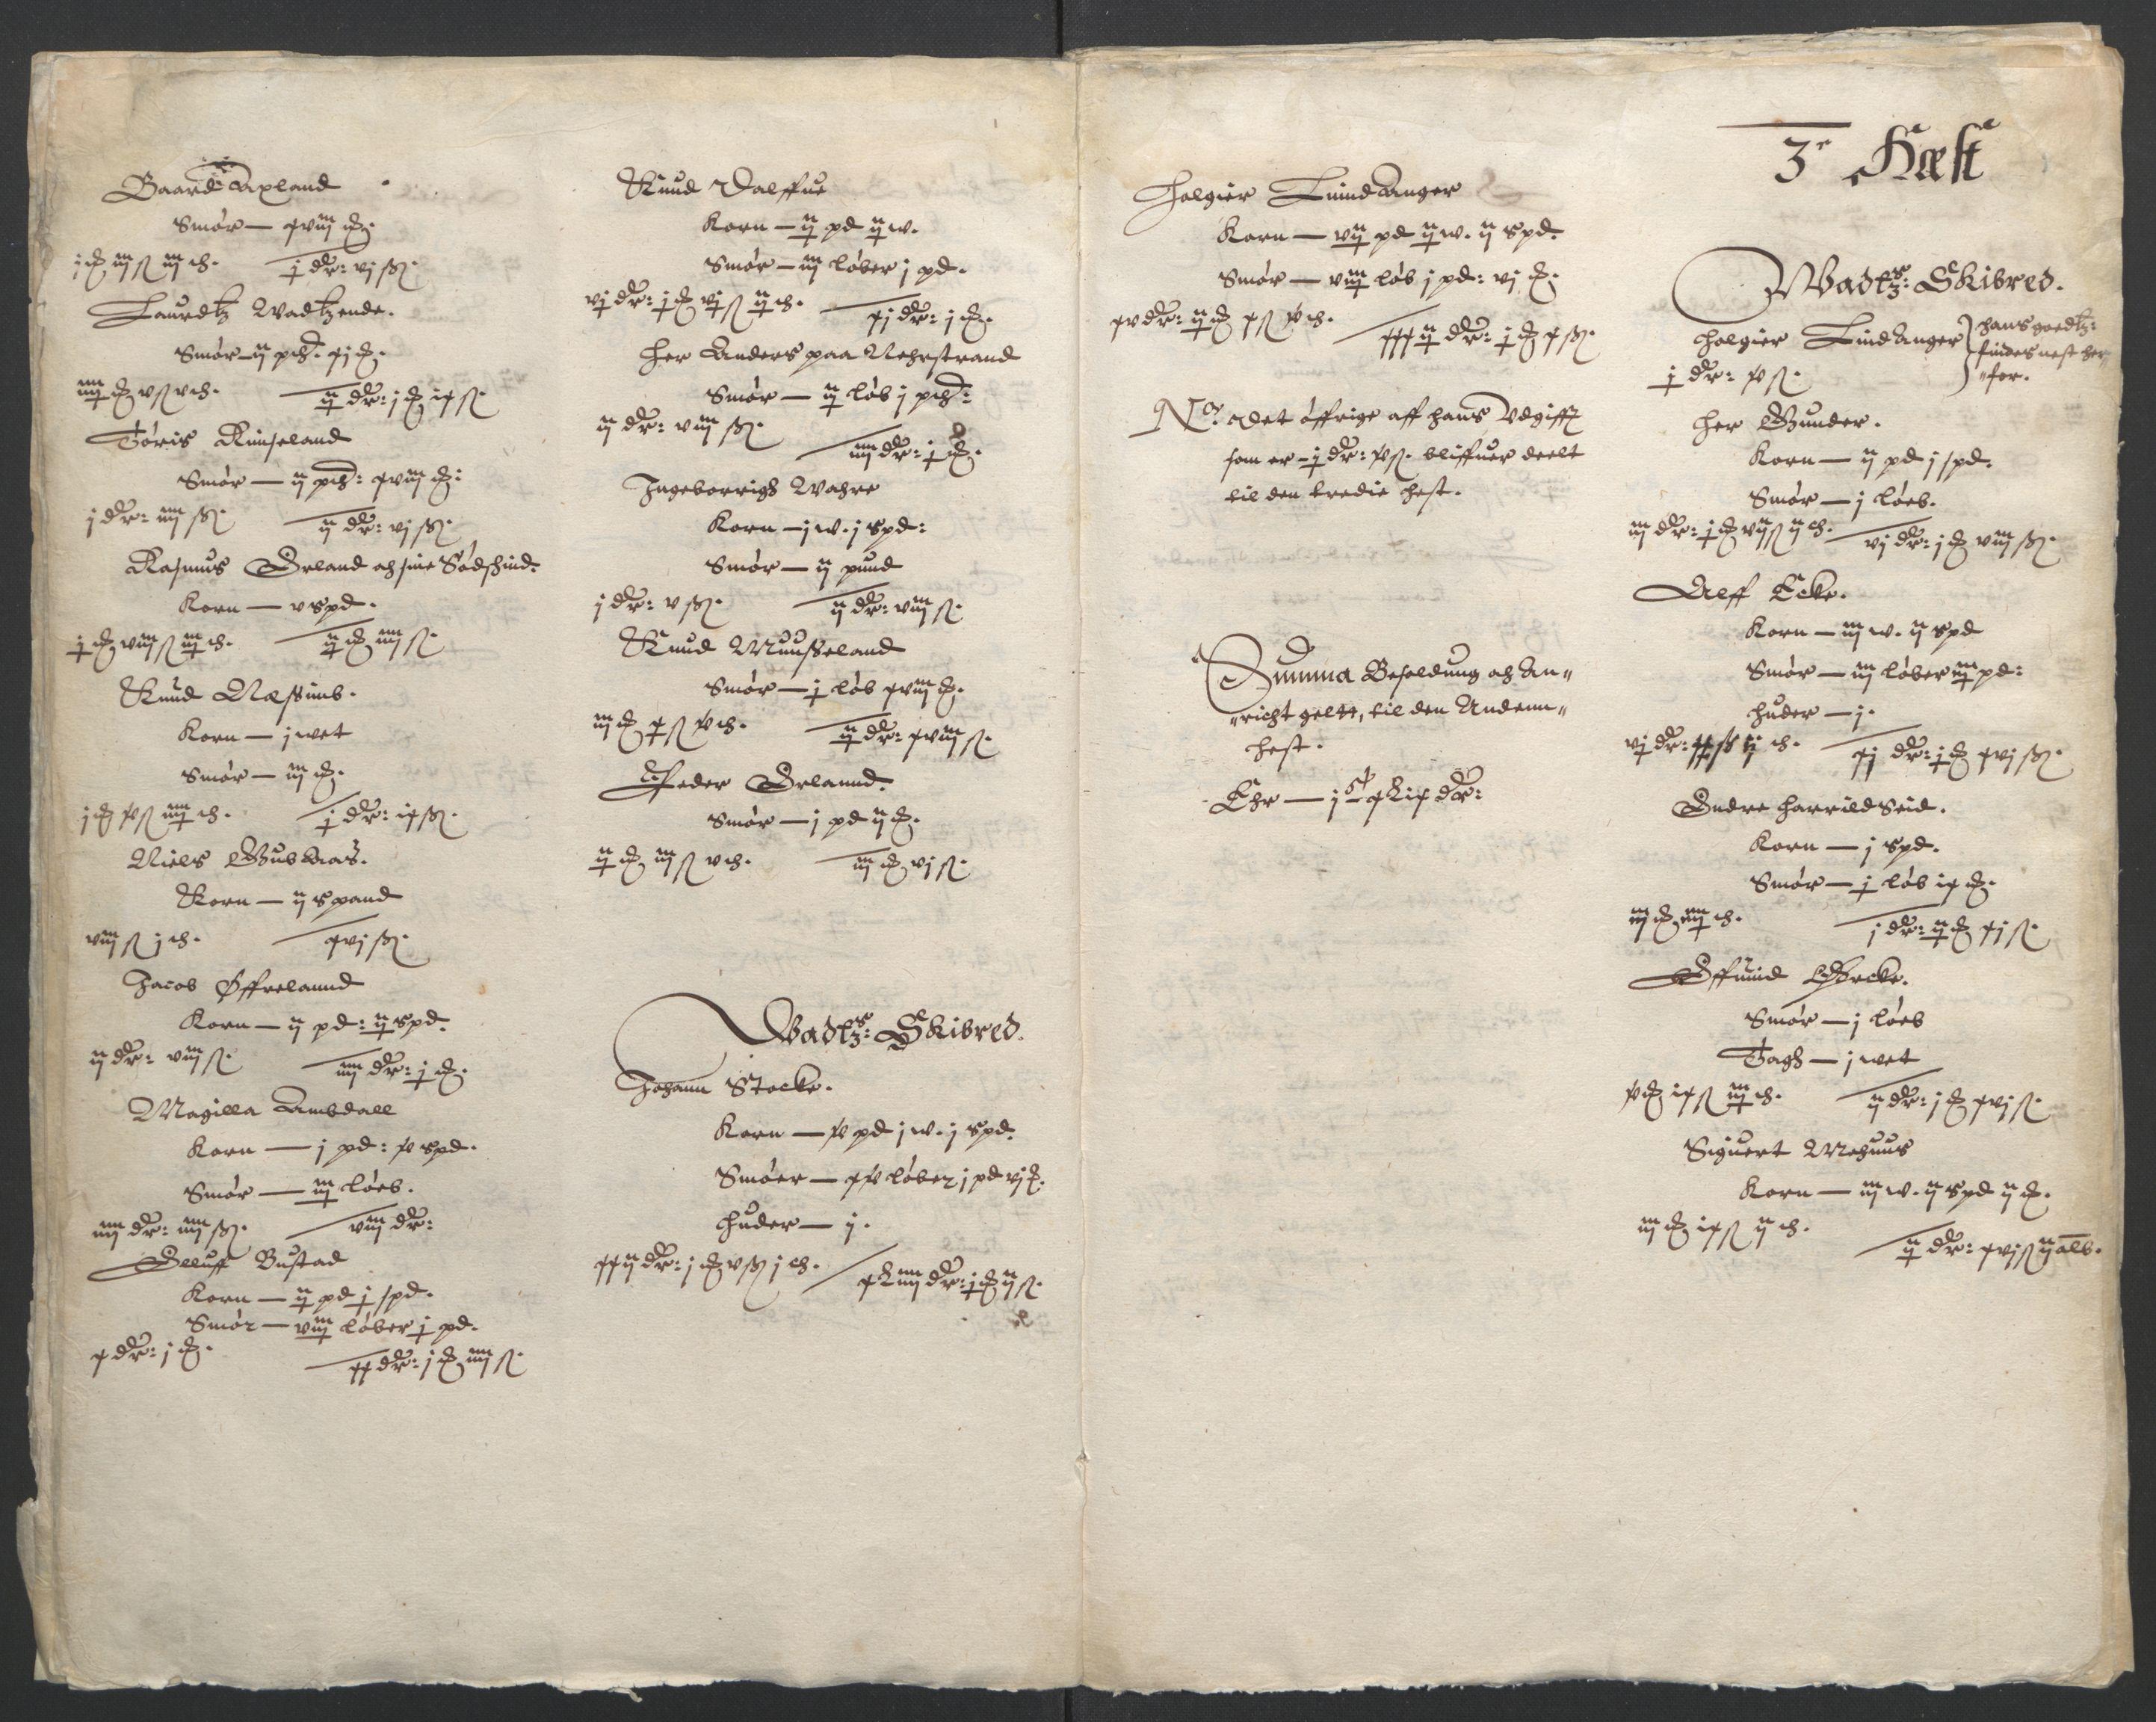 RA, Stattholderembetet 1572-1771, Ek/L0010: Jordebøker til utlikning av rosstjeneste 1624-1626:, 1624-1626, s. 74